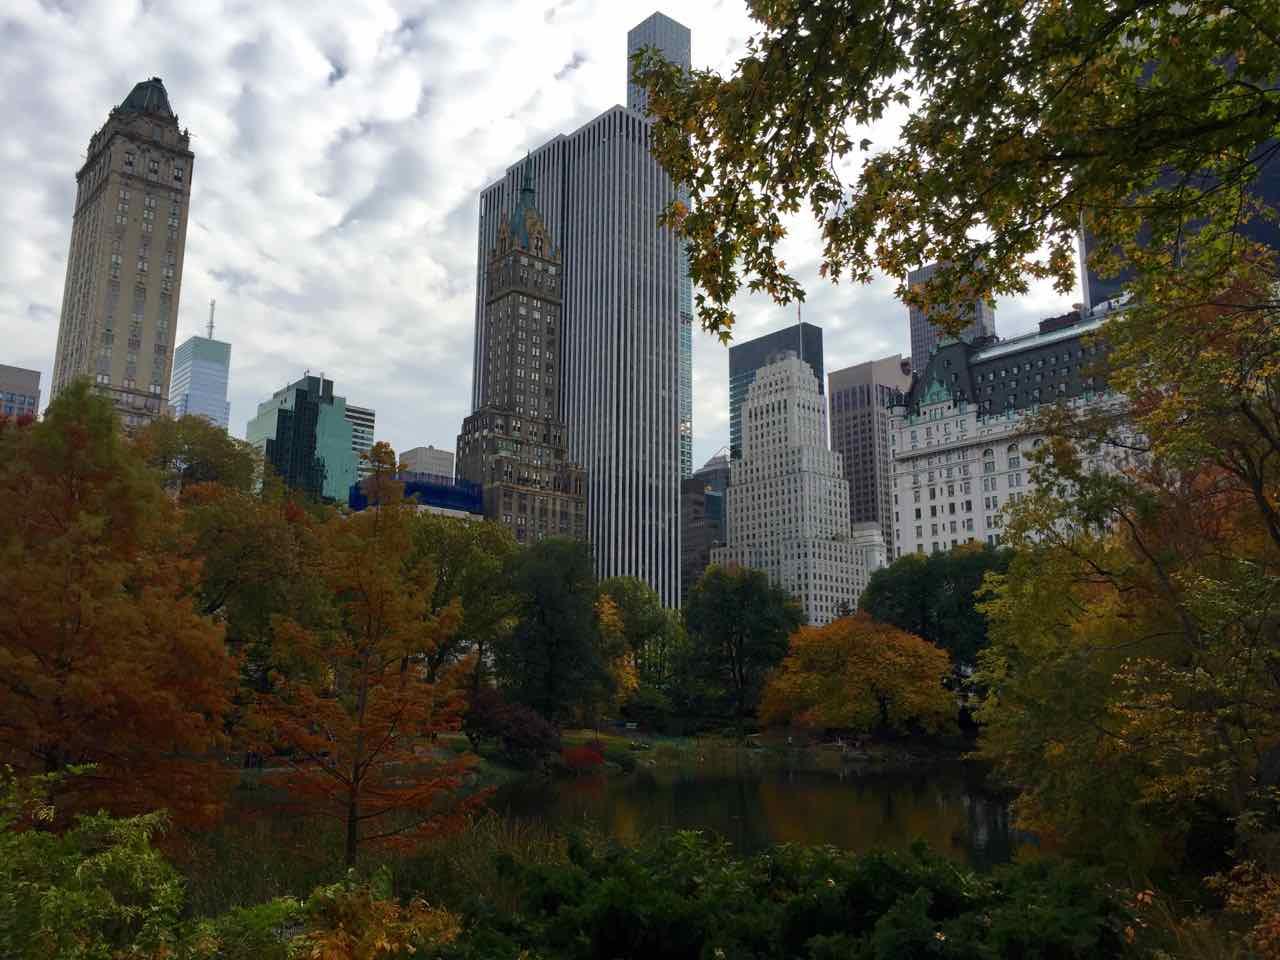 nova-york-central-park-original-miles - 1